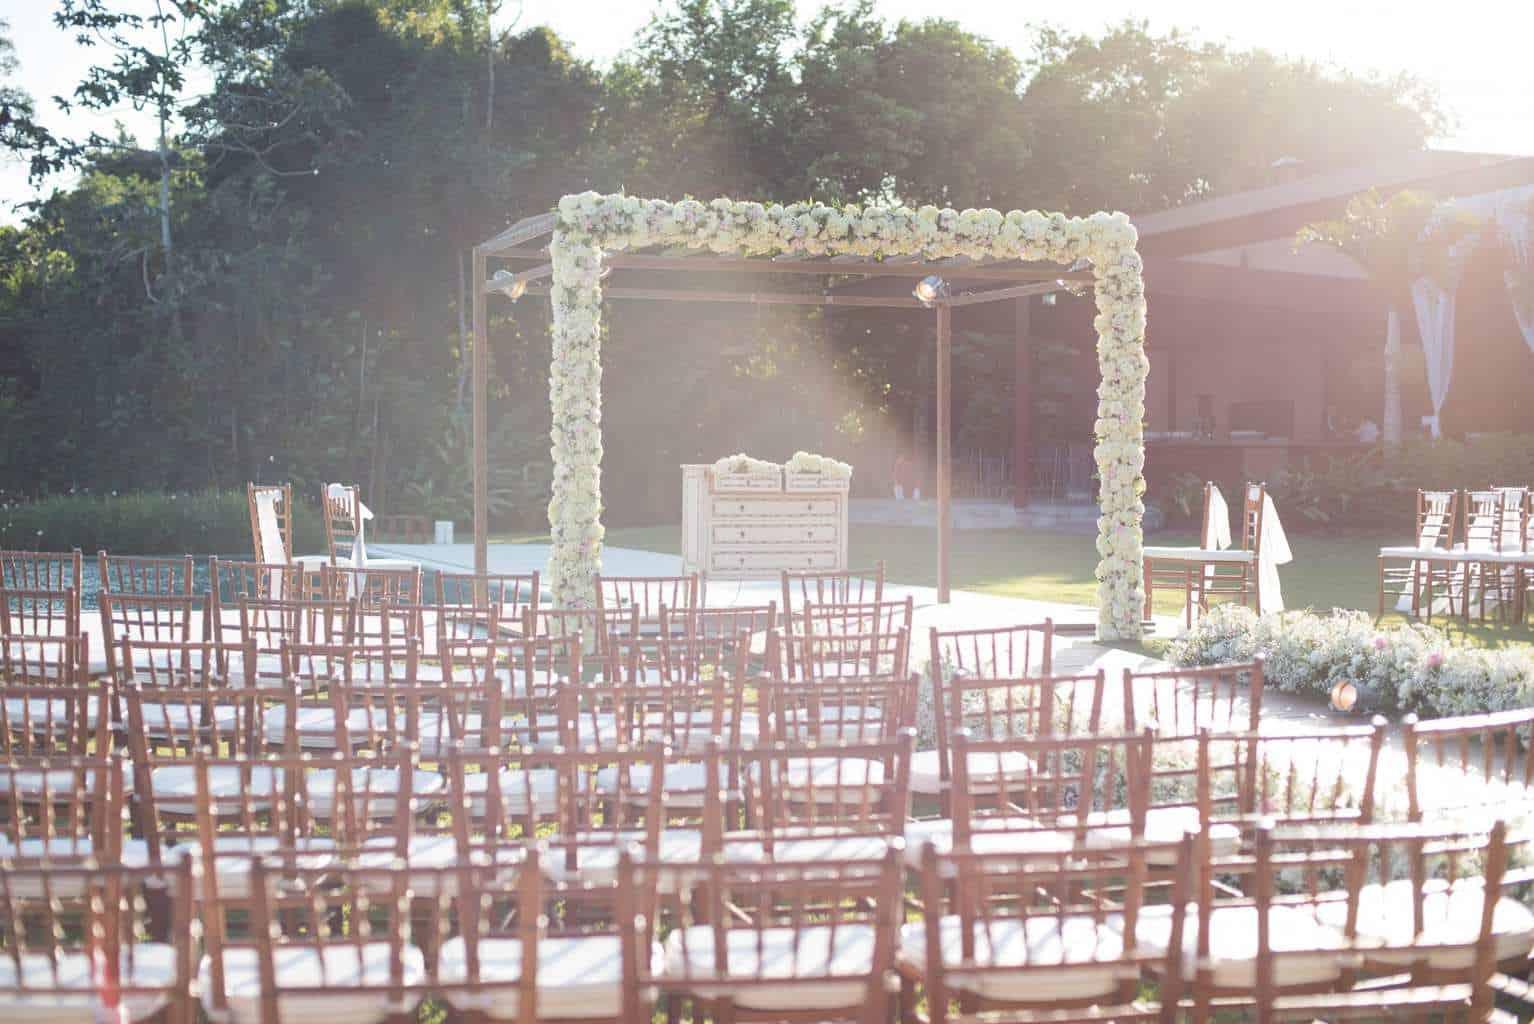 casamento-de-dia-casamento-Nicole-e-Thales-casamento-no-jardim-csasamento-ao-ar-livre-Fotografia-Marina-Fava-Galeria-Jardim-Rio-de-Janeiro-53